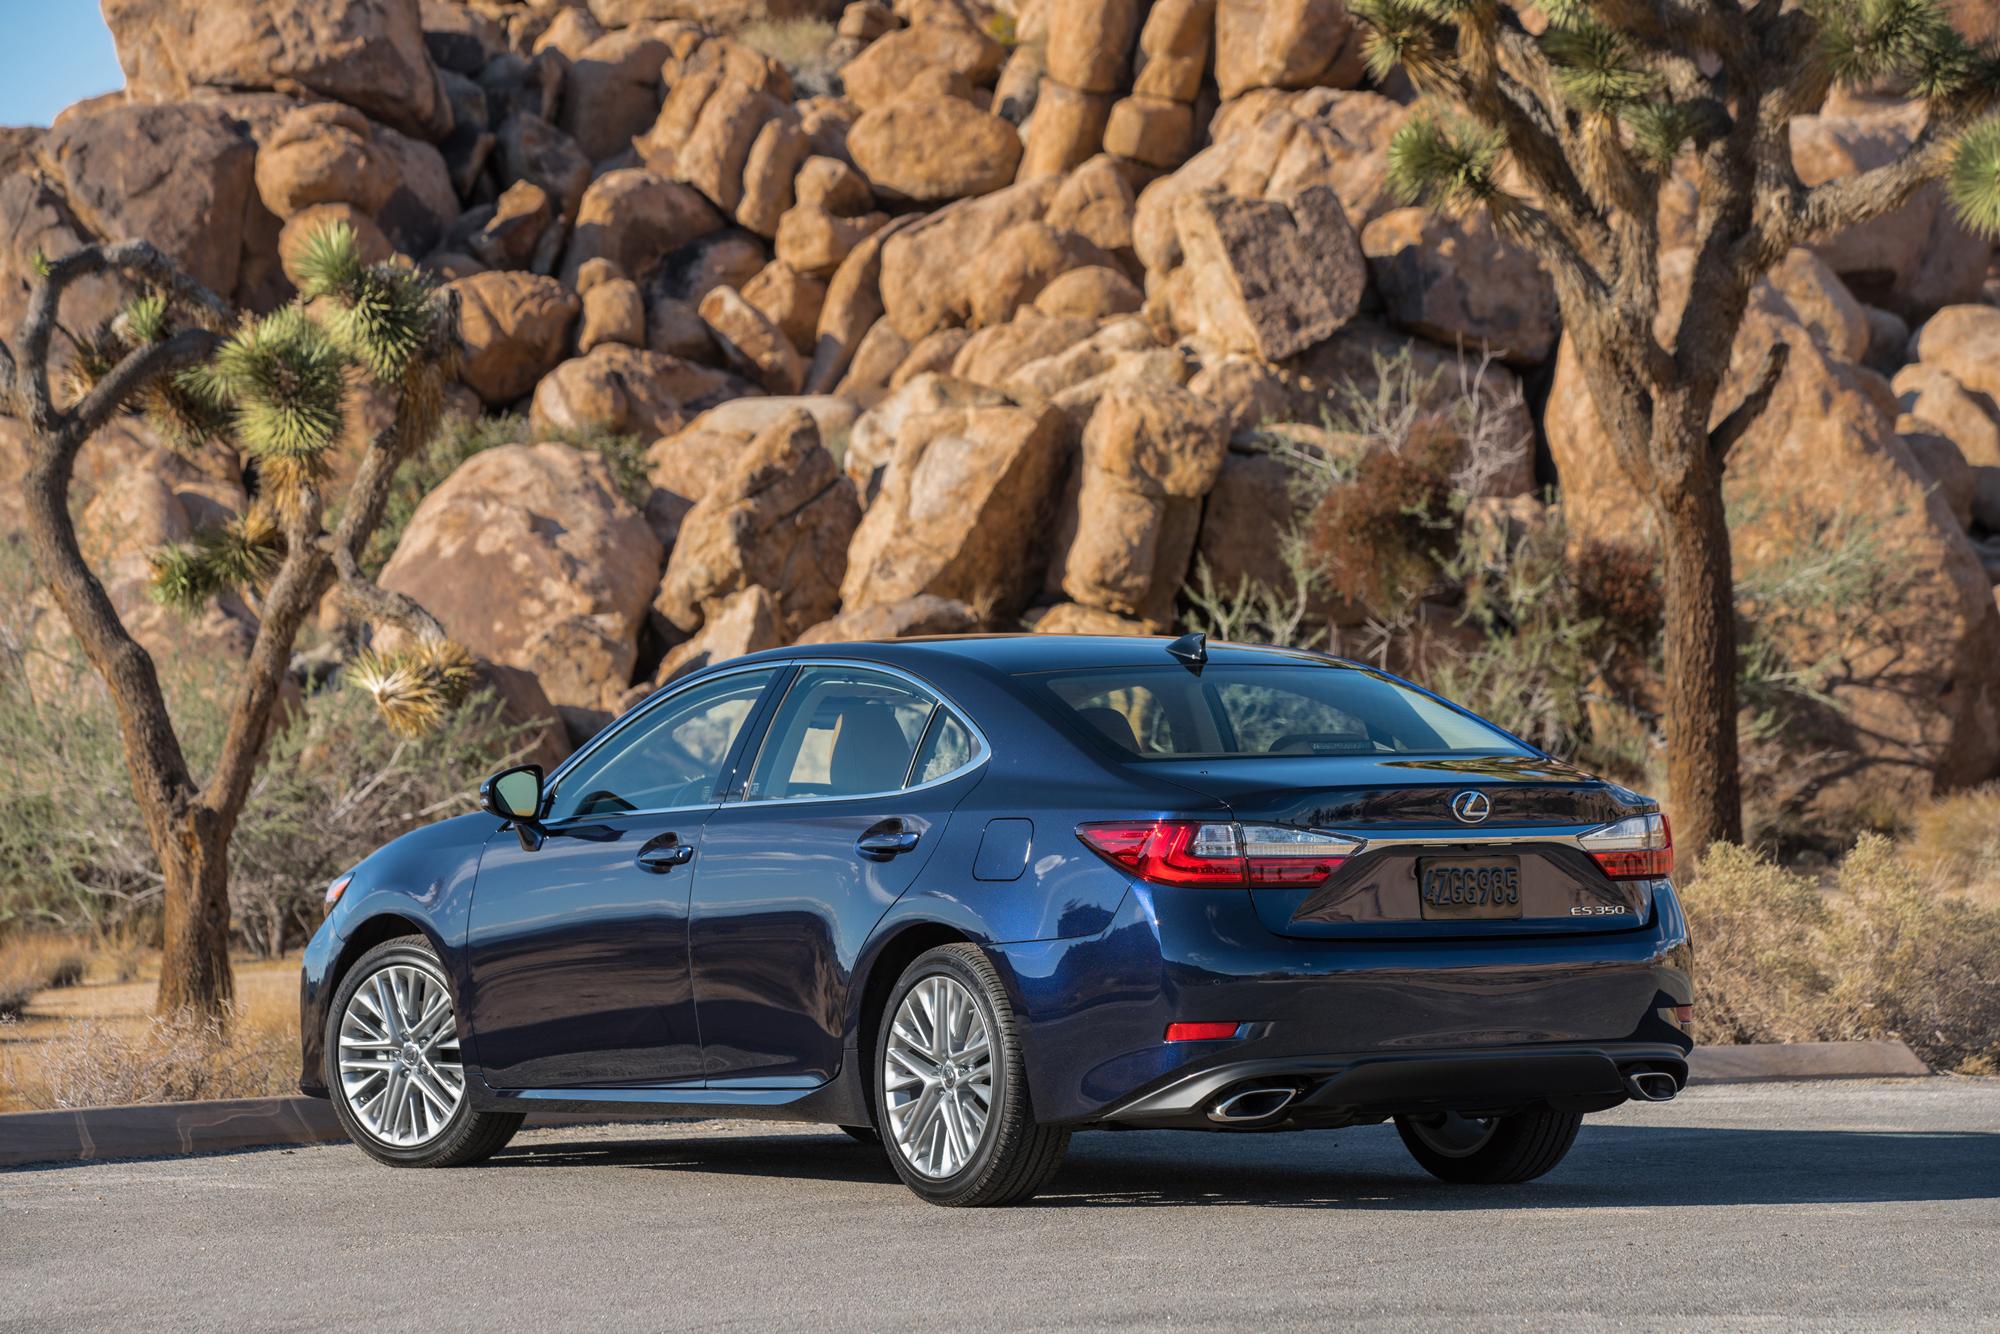 2016 Lexus ES 350 nudges closer toward autonomous driving